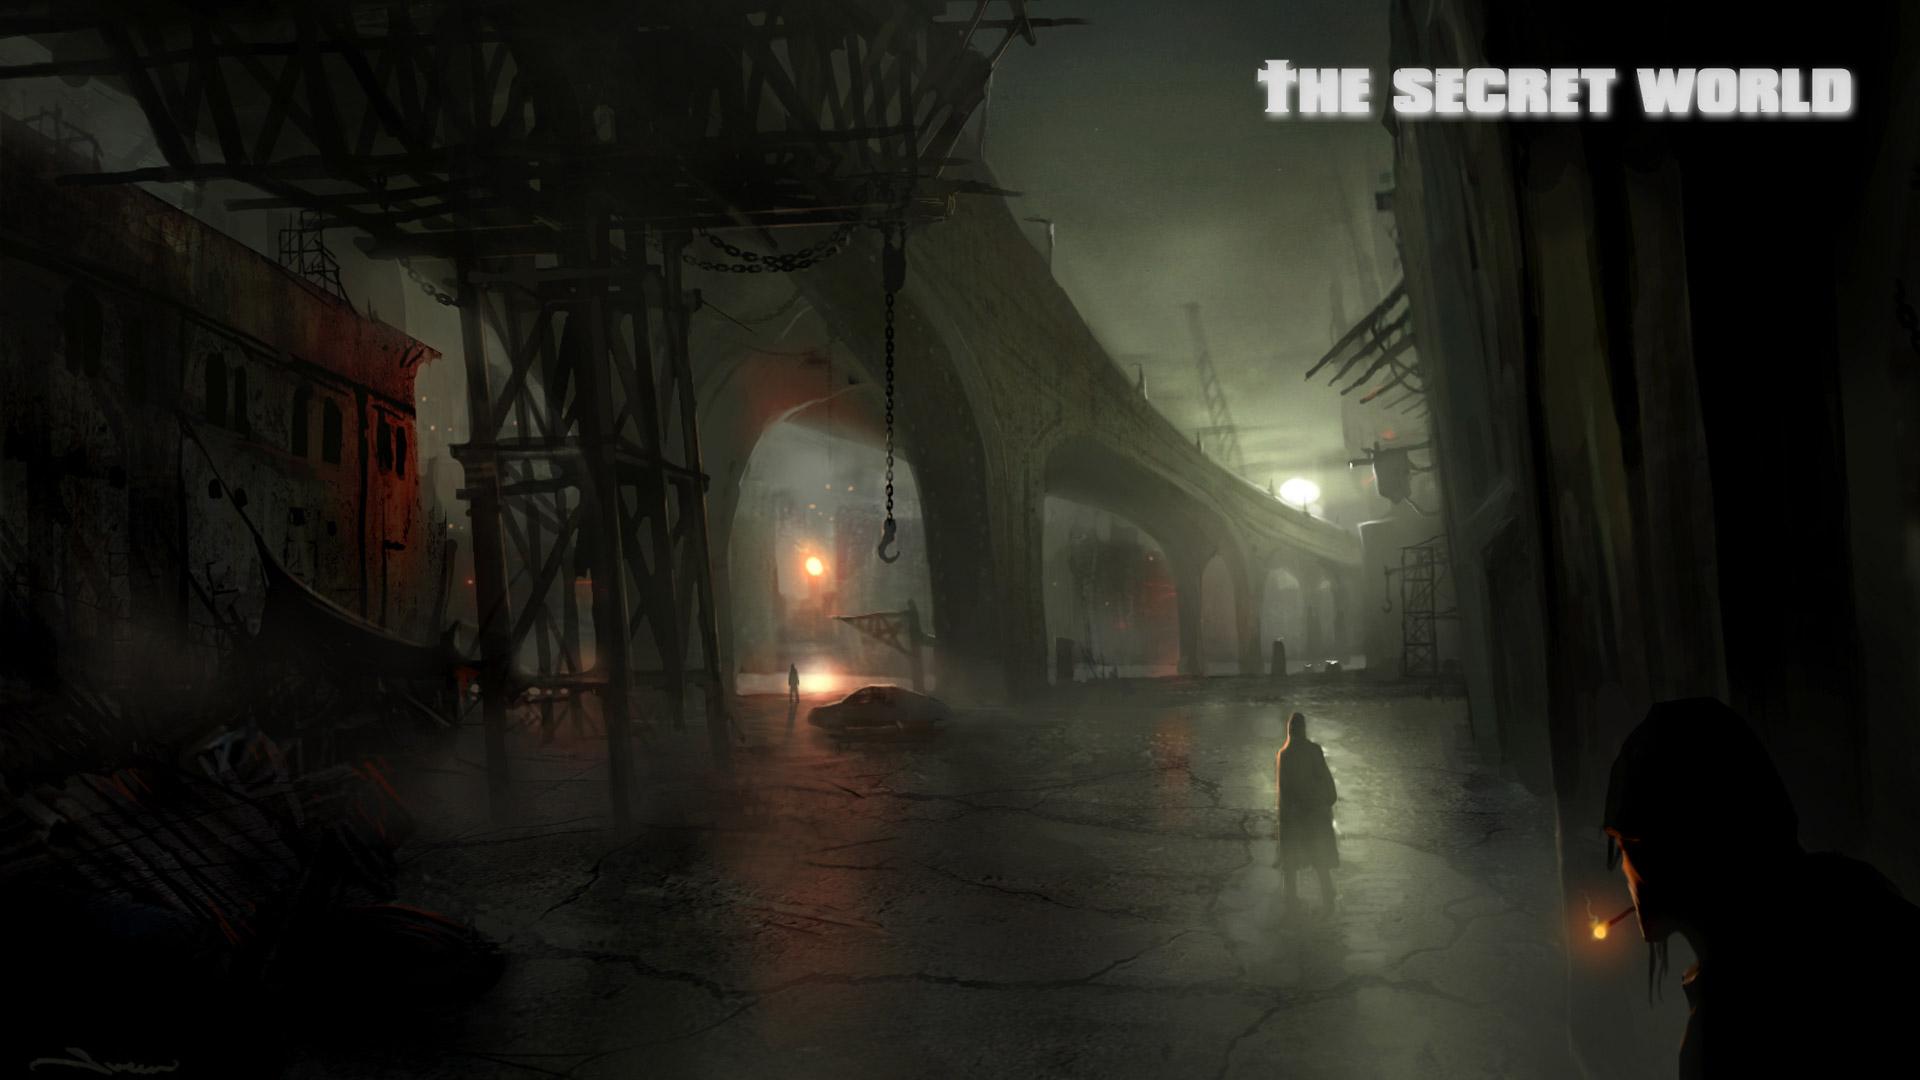 The Secret World wallpaper 5